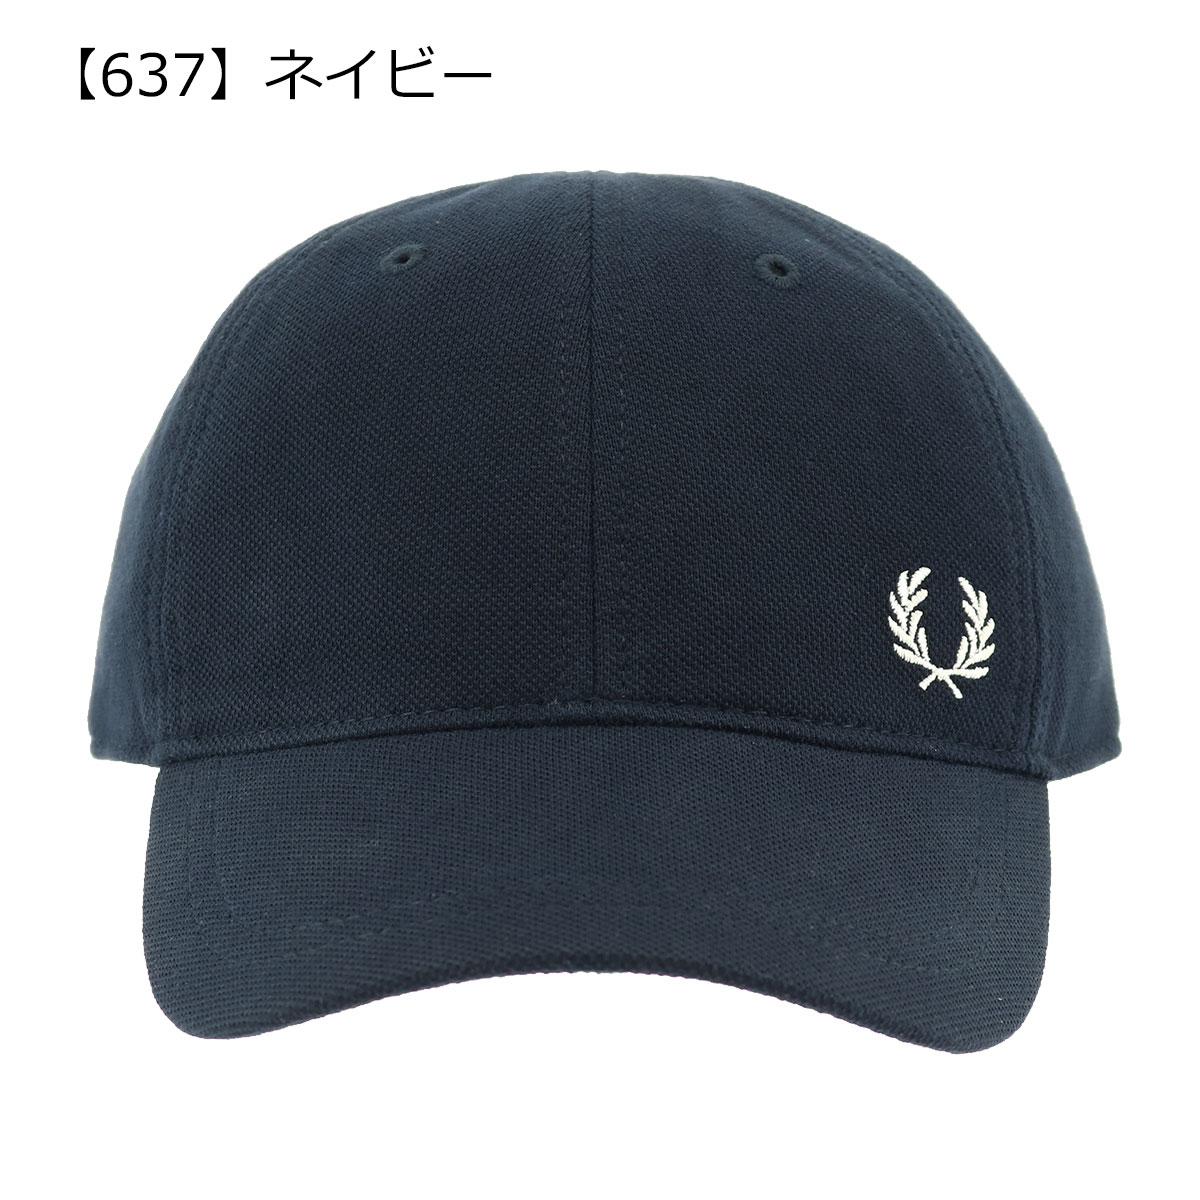 【963】ミッドナイトブルー